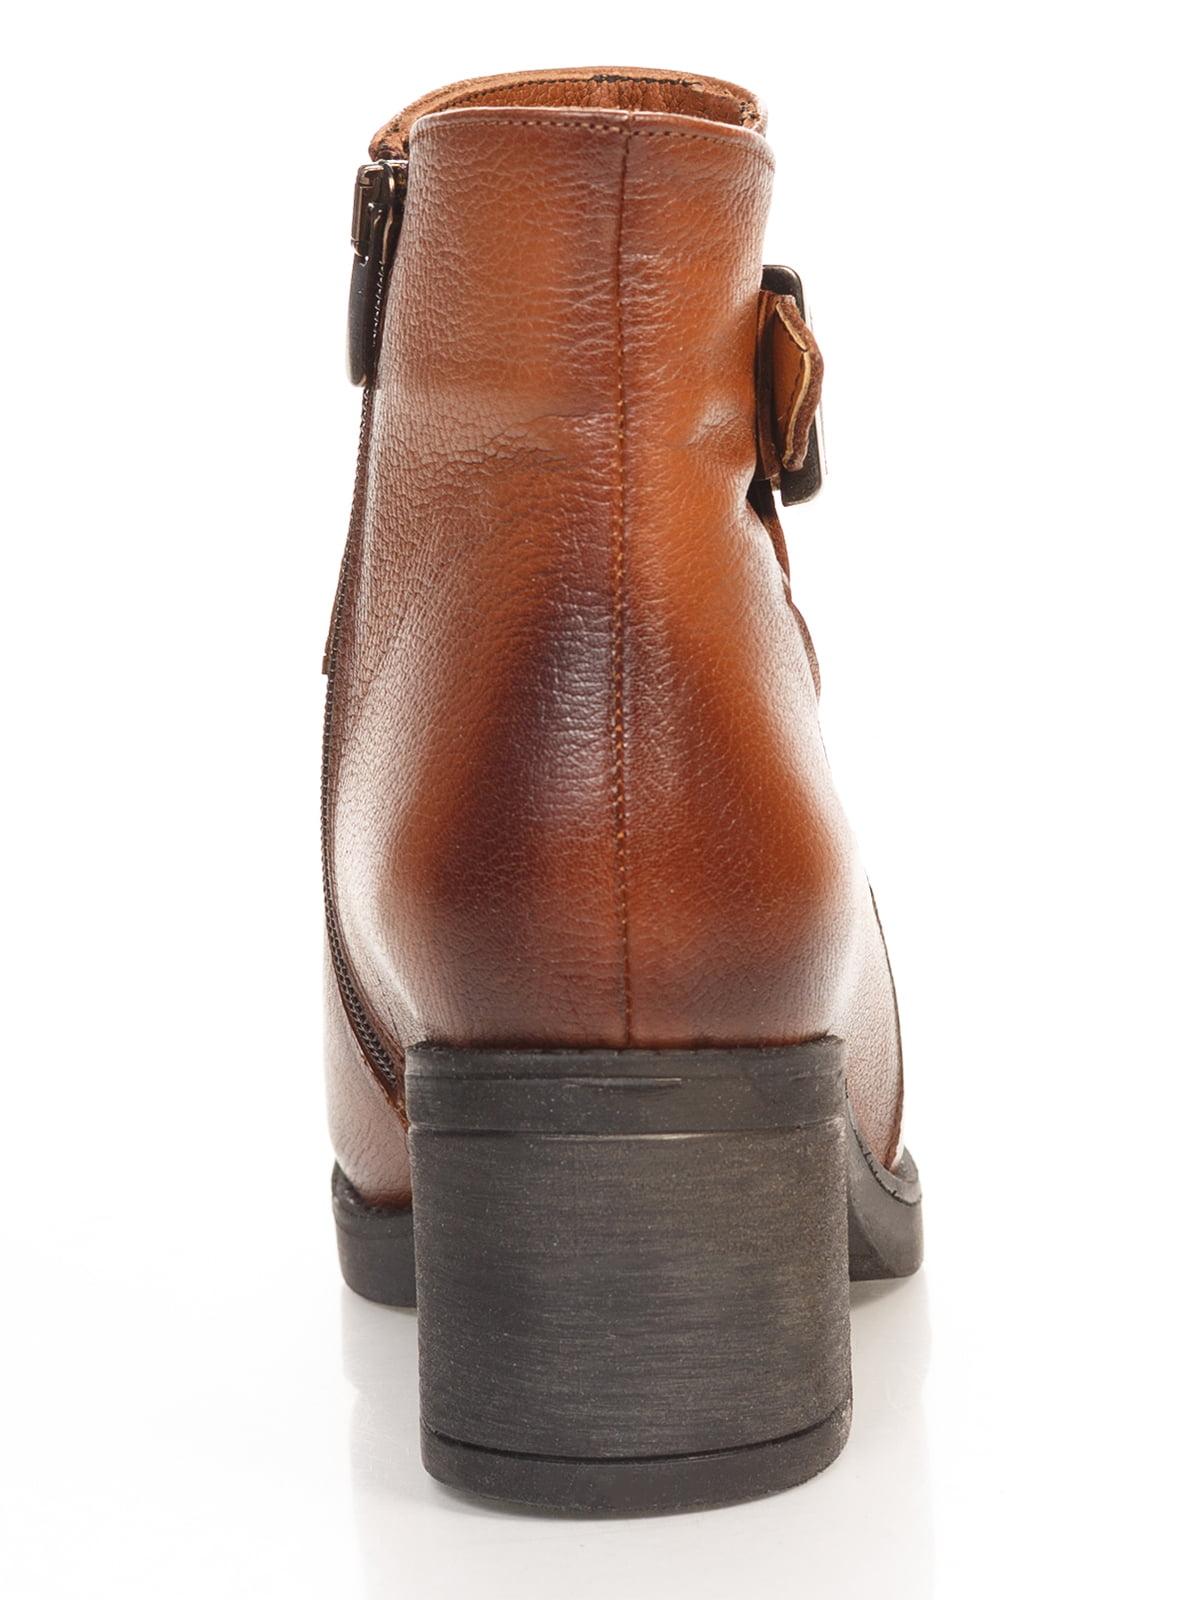 Ботинки коричневые | 4771467 | фото 5